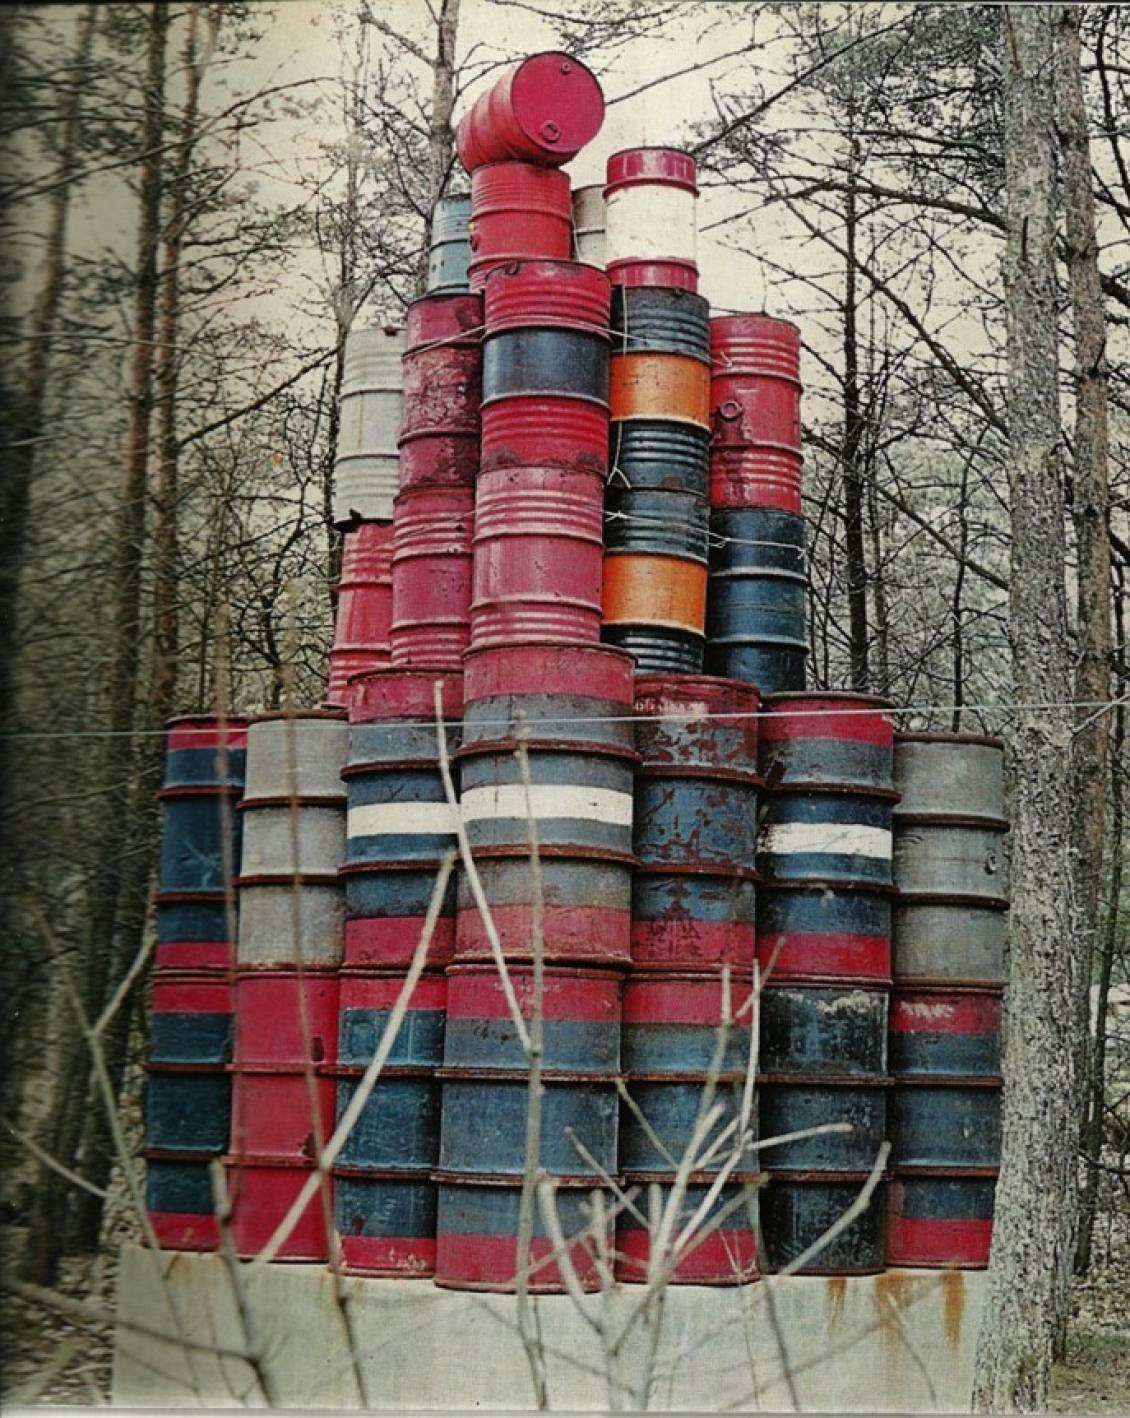 De eerste versie van Christo's '56 Barrels' uit 1968